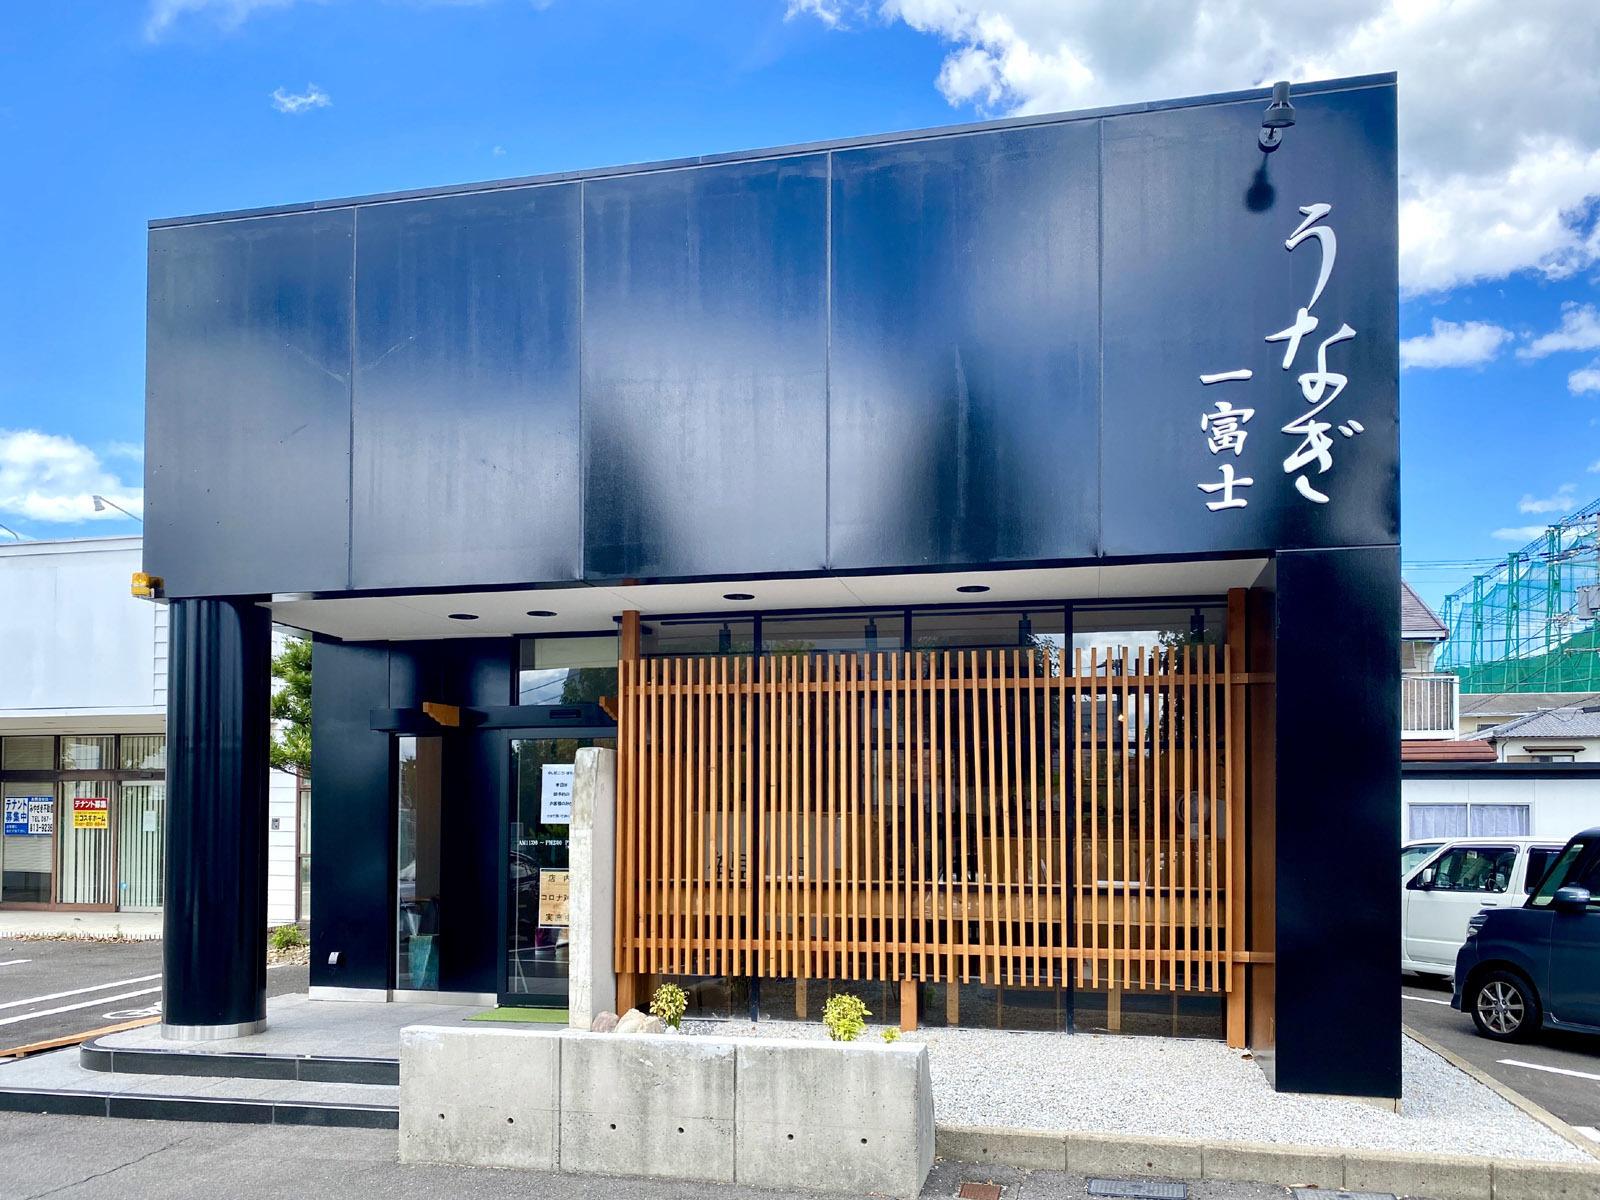 一富士 屋島店 店舗